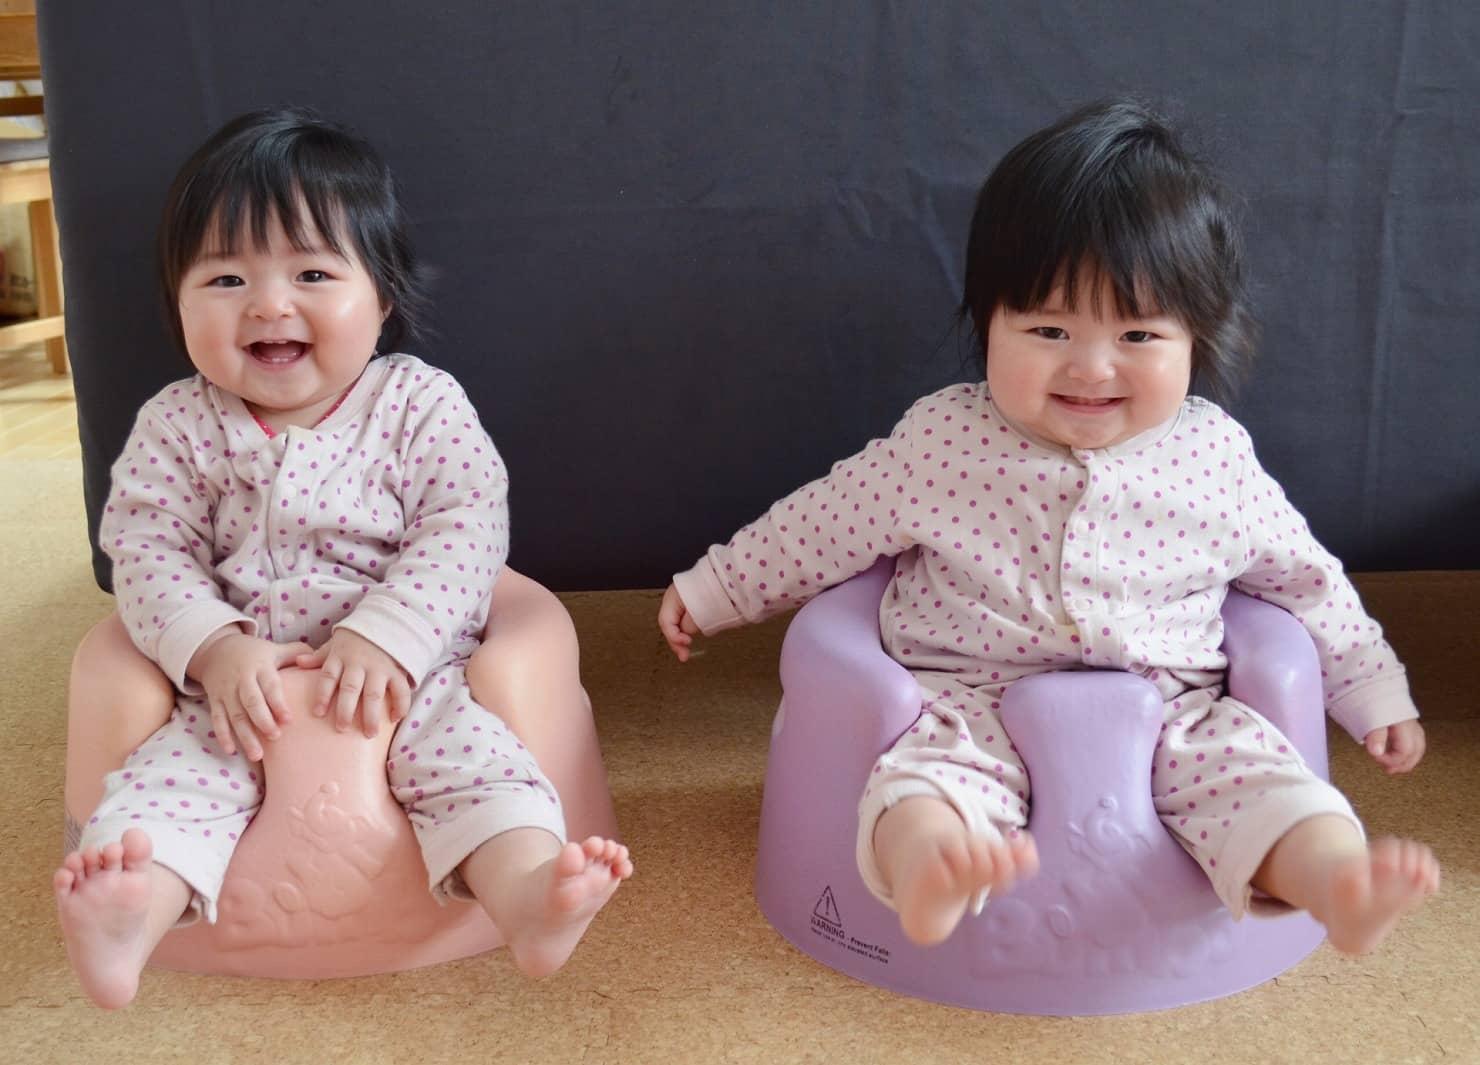 赤ちゃんのカバーオールとは? ロンパースとの違いやおすすめ10選を紹介